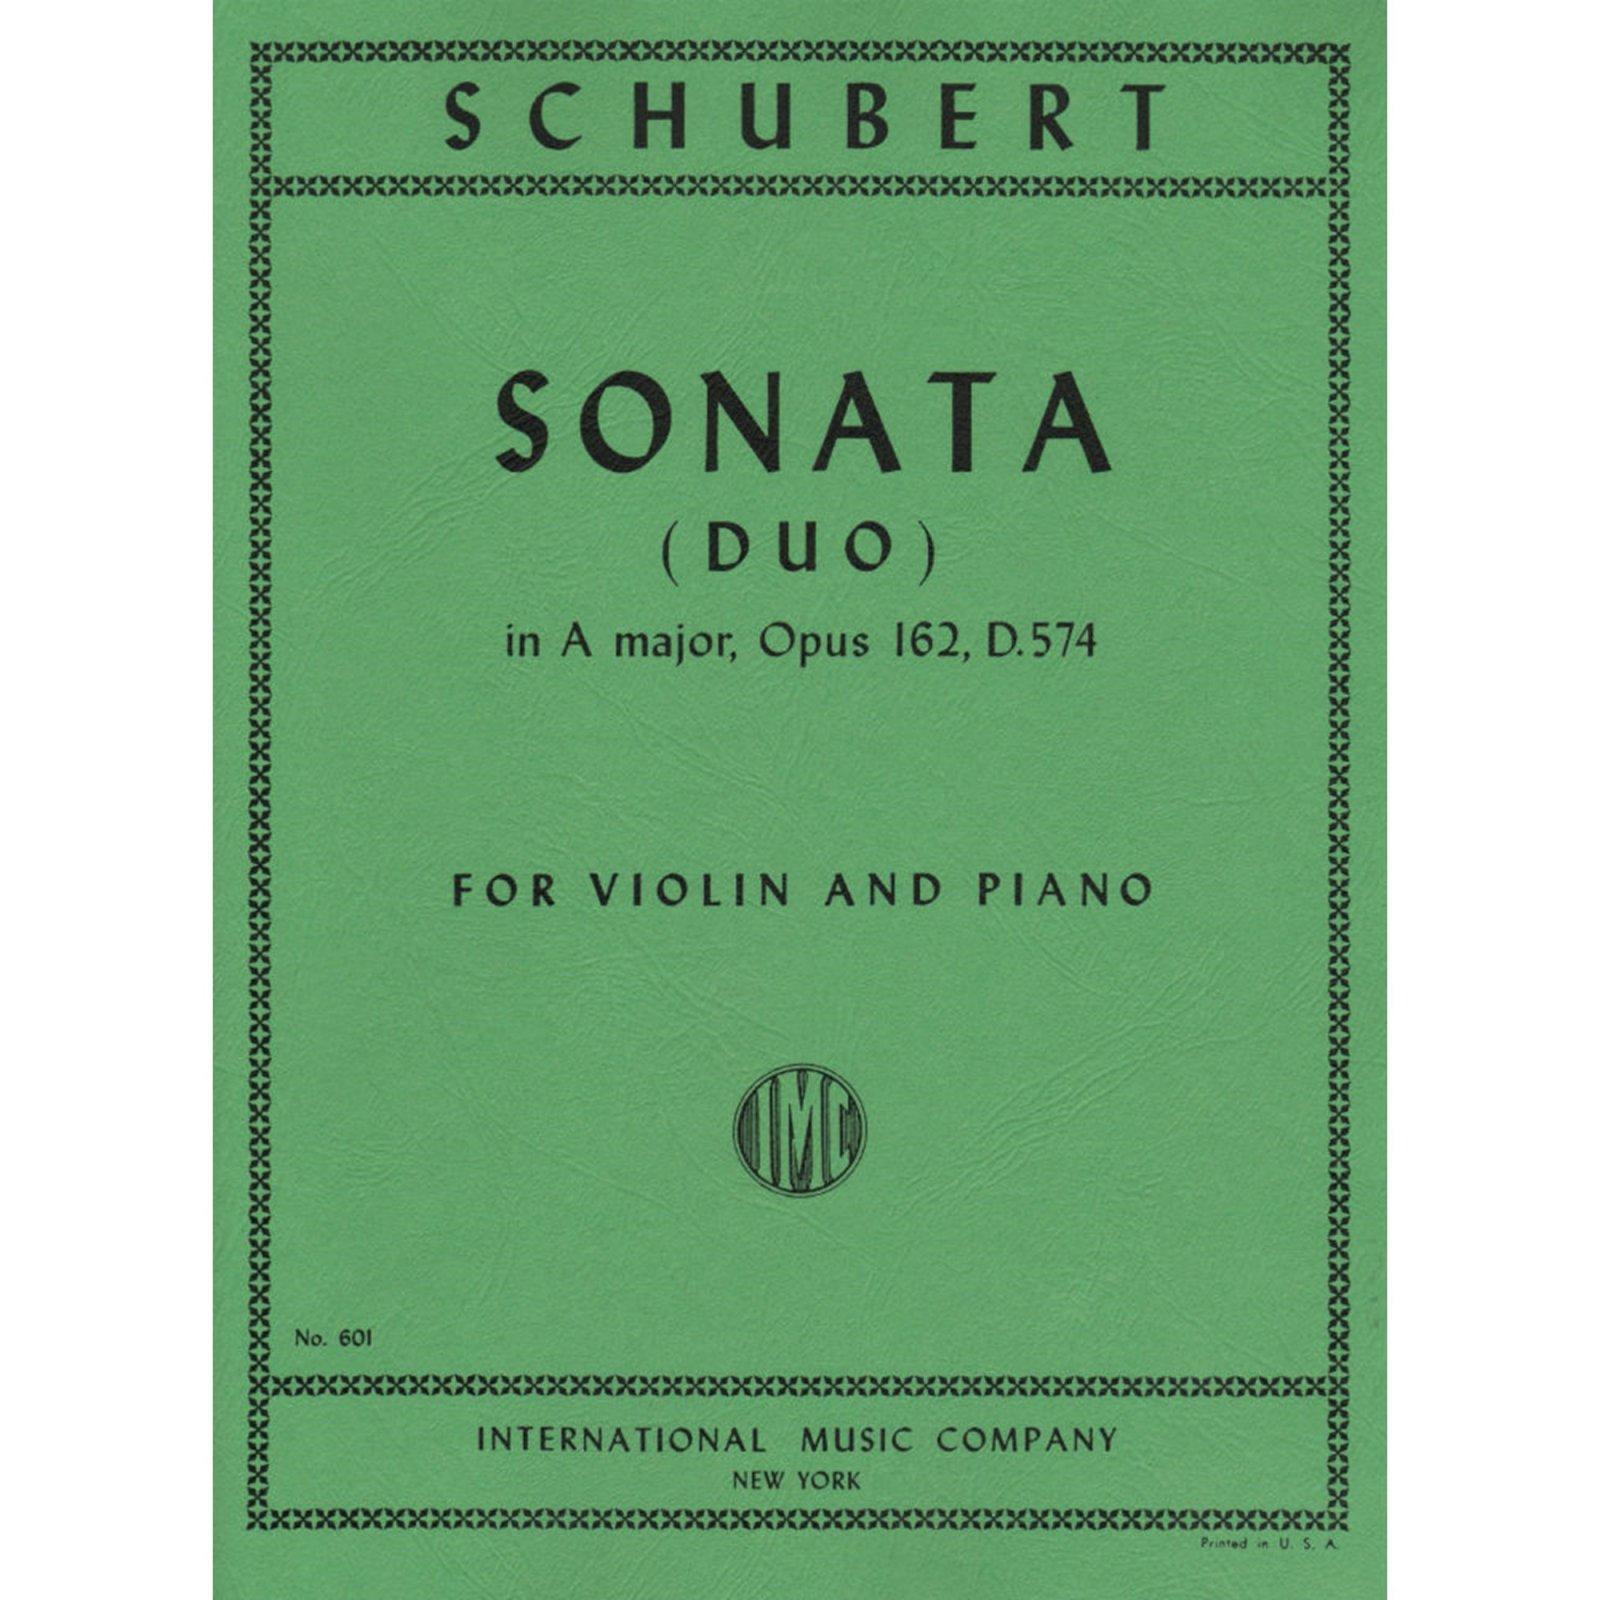 Schubert: Sonata (Duo) In A major Op. 162